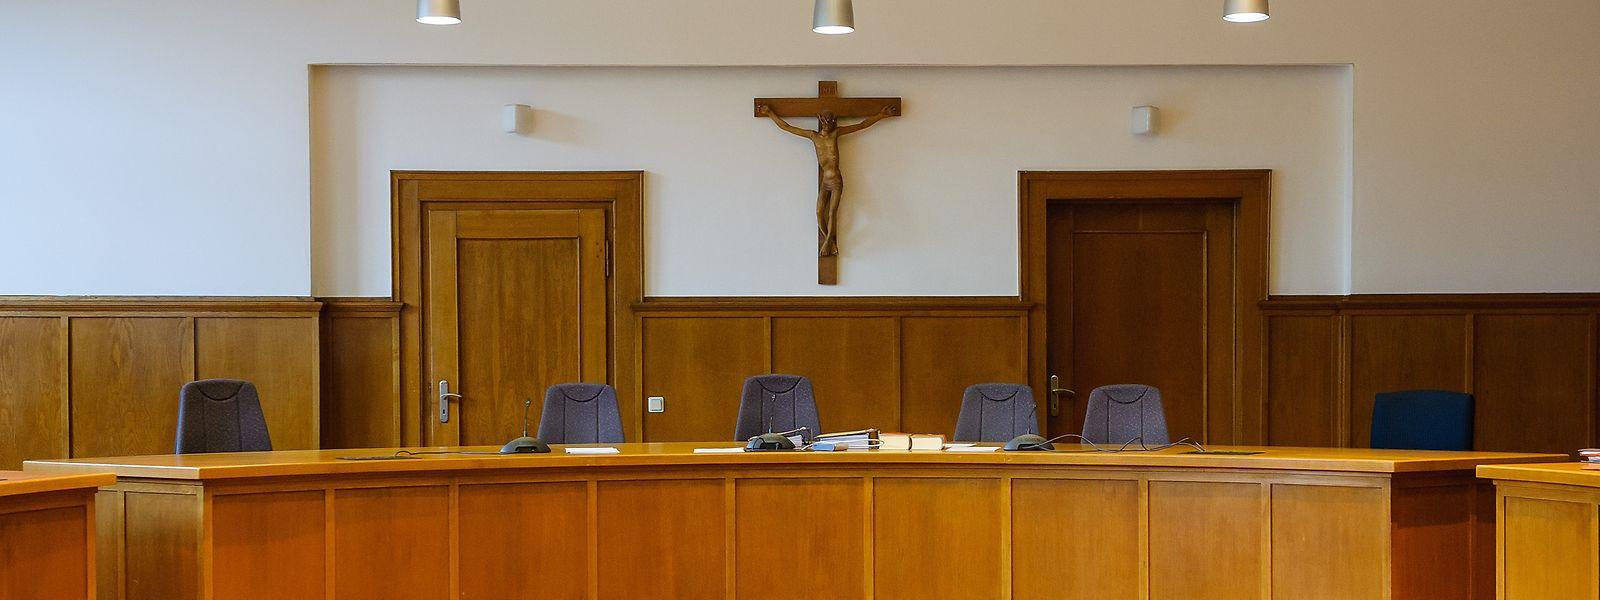 Das Landgericht Saarbrücken.